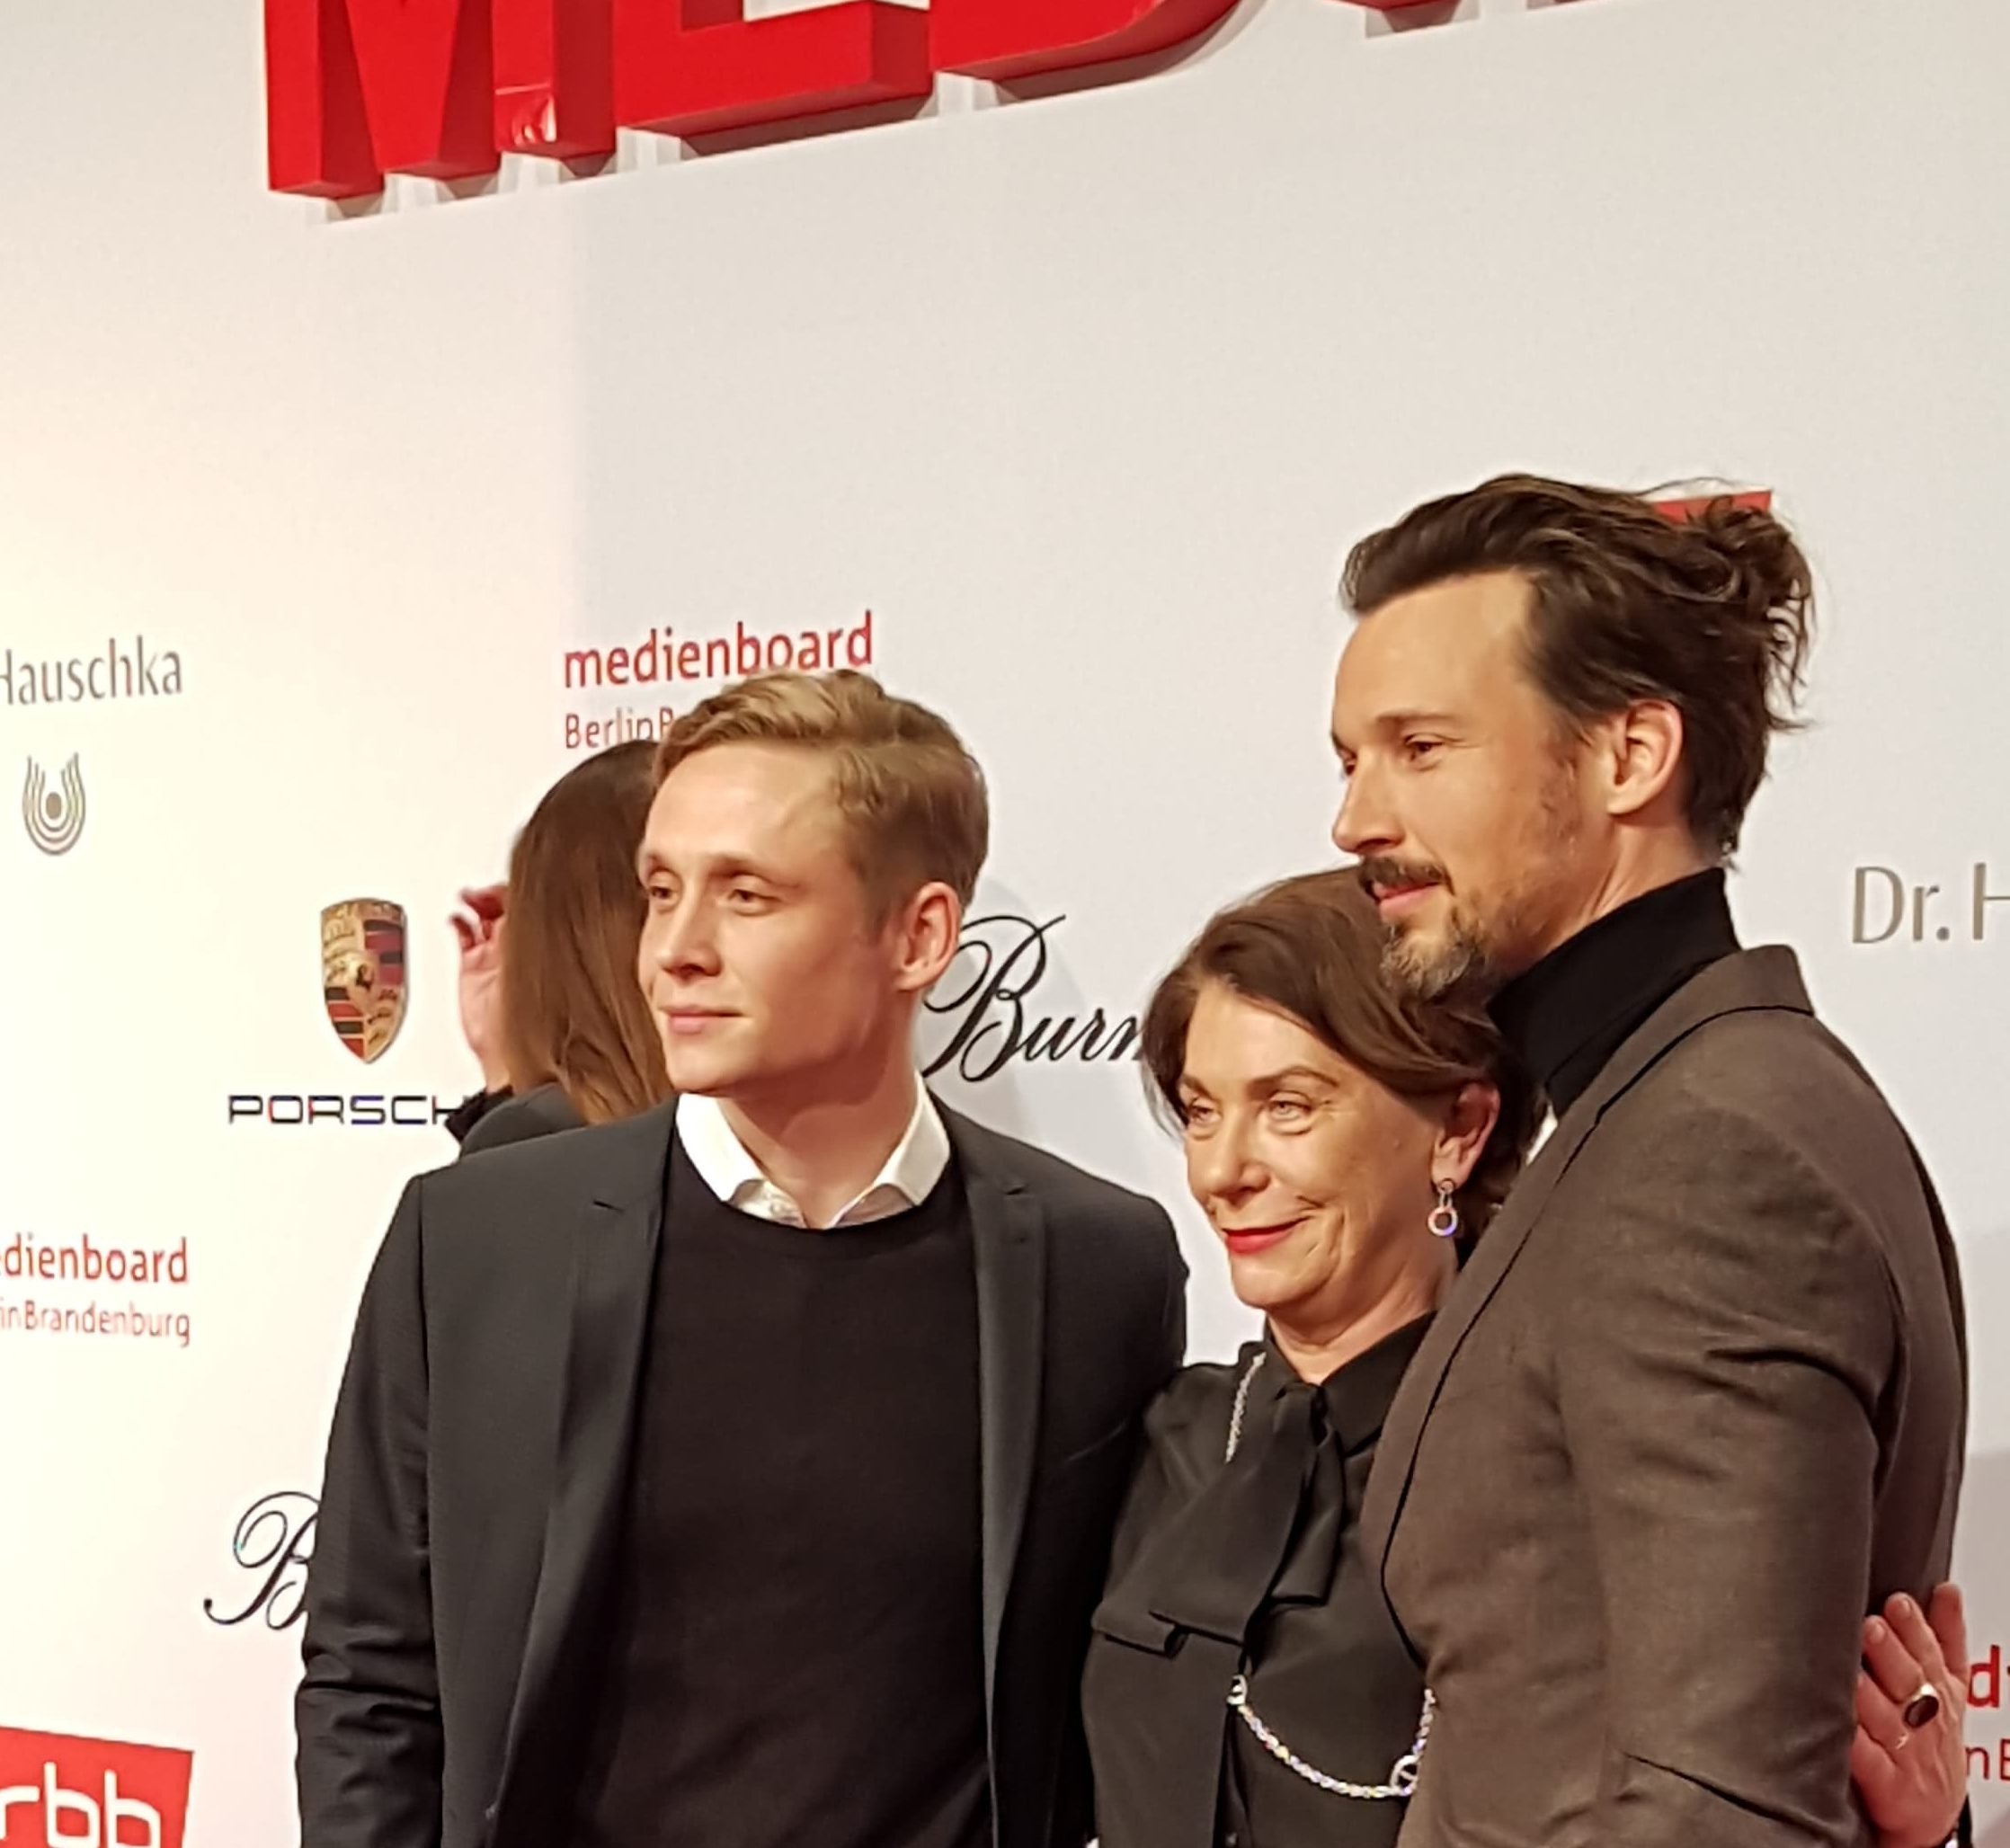 Berlinale Tv